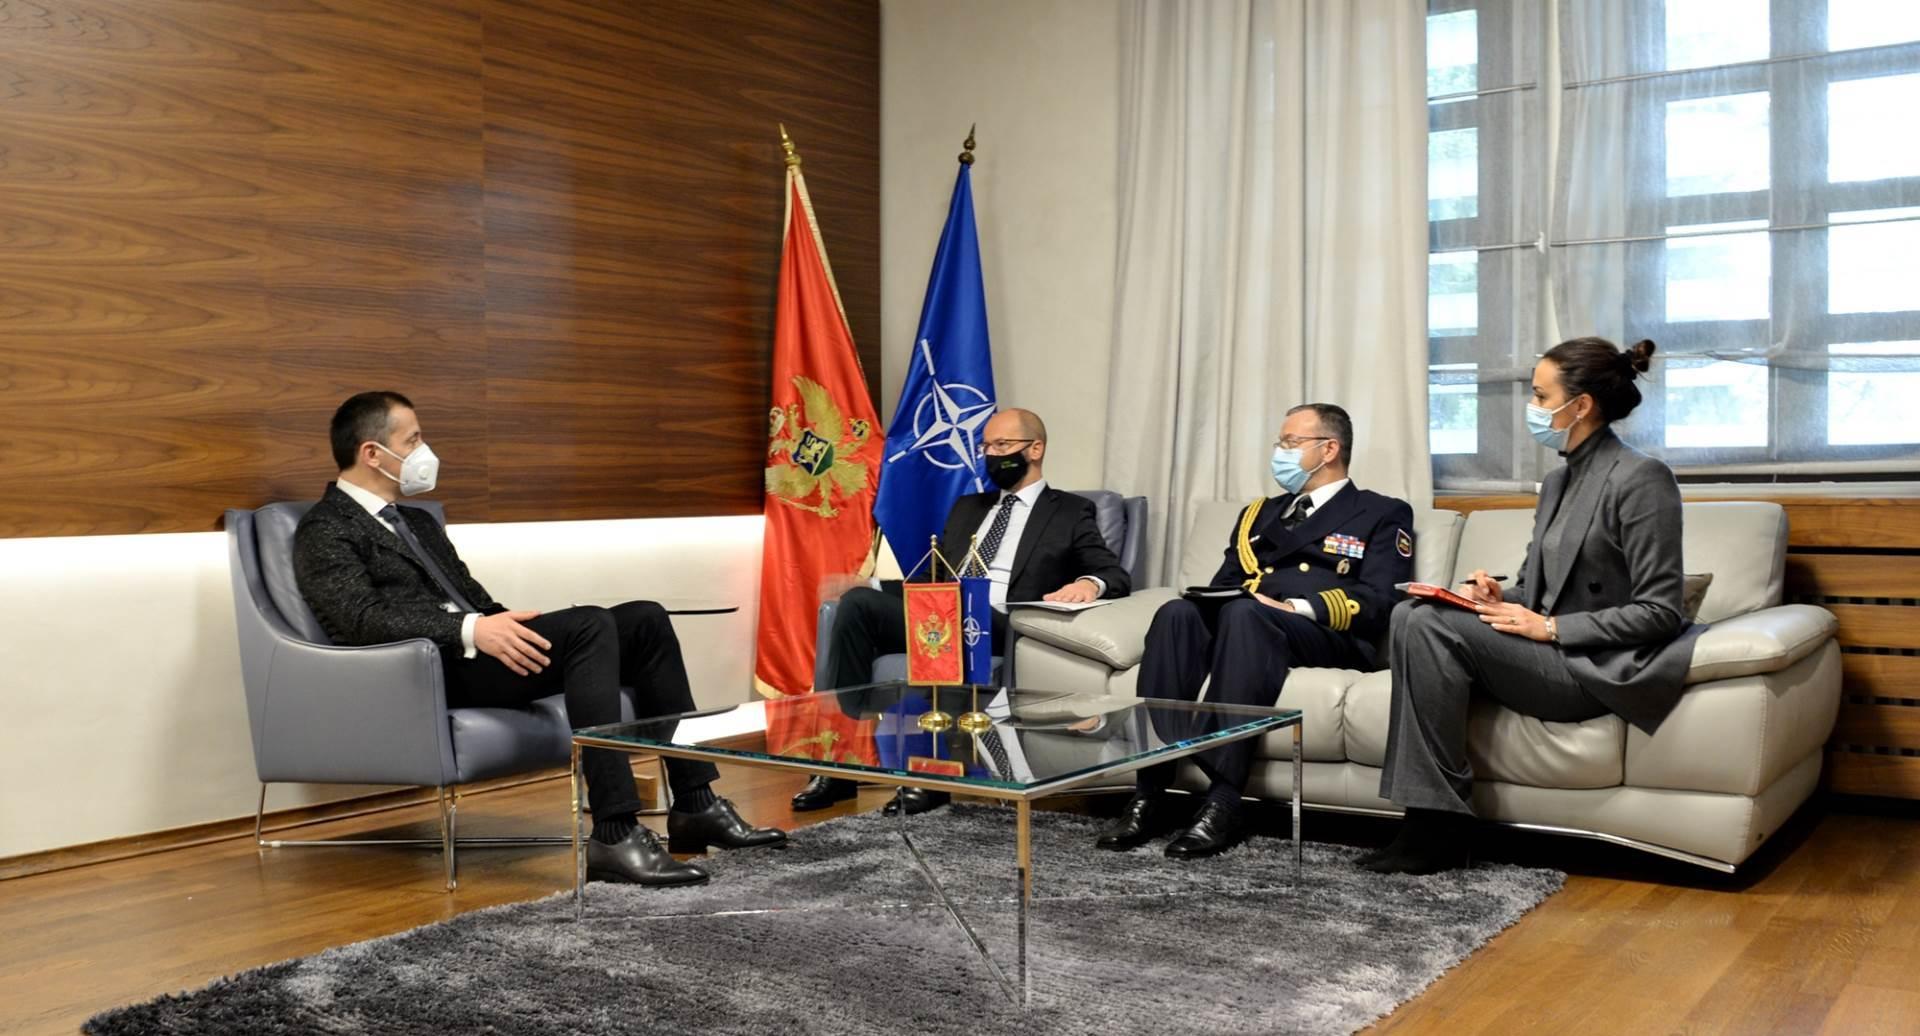 Bošković sa Preskerom.JPG